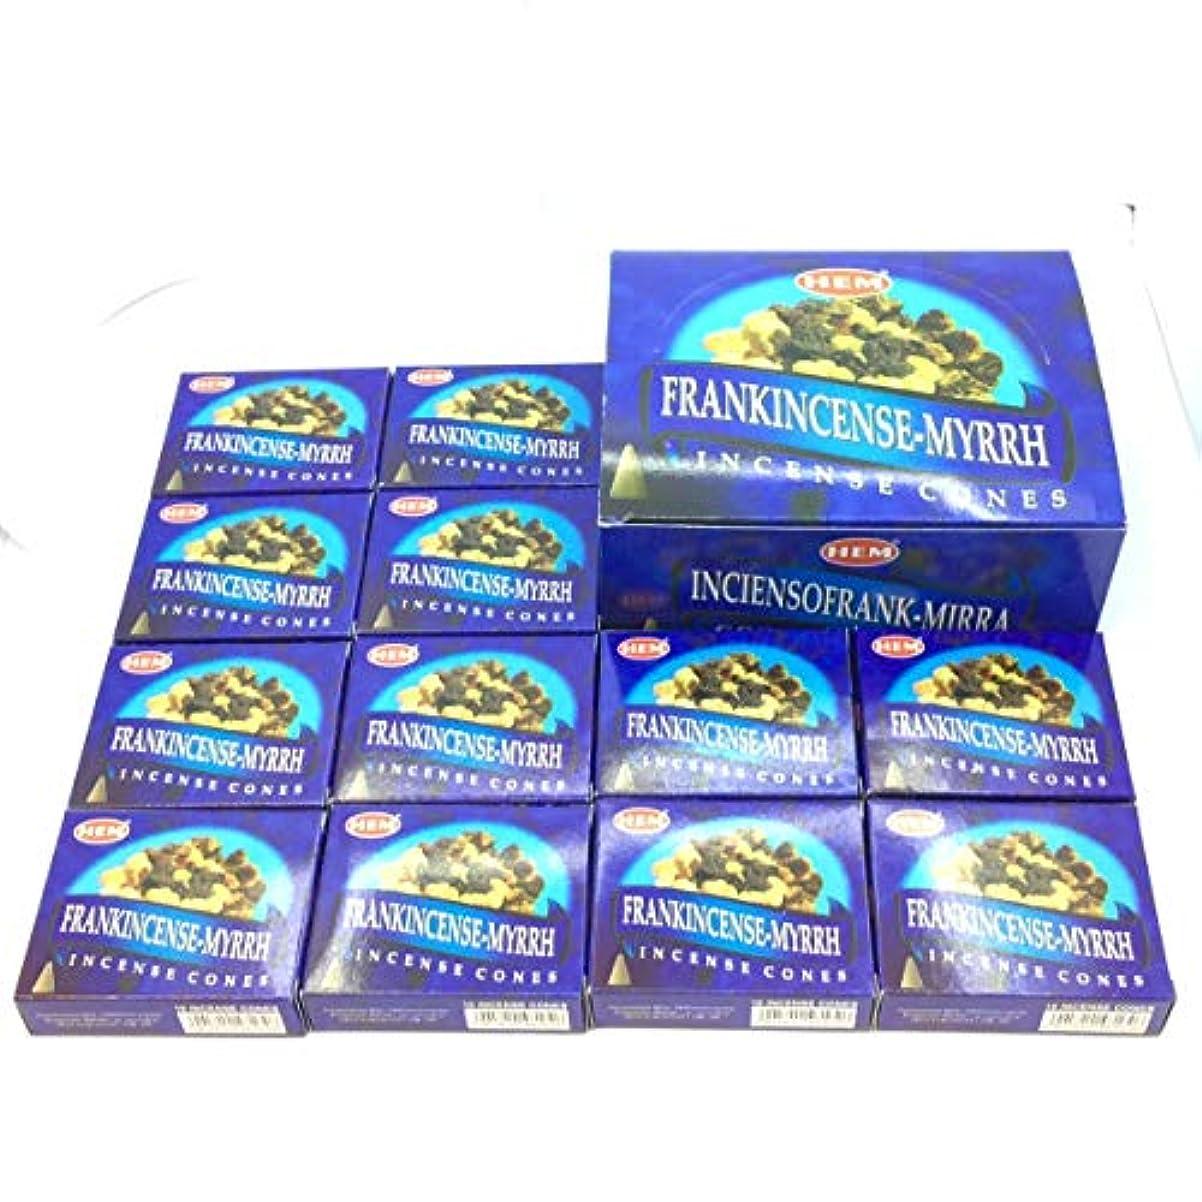 文明ベース研究所浄化用 HEM (ヘム) コーンインセンス フランキンセンス & ミルラ 香 12ケース(1ケース10個入り)Frankincense & Myrrh